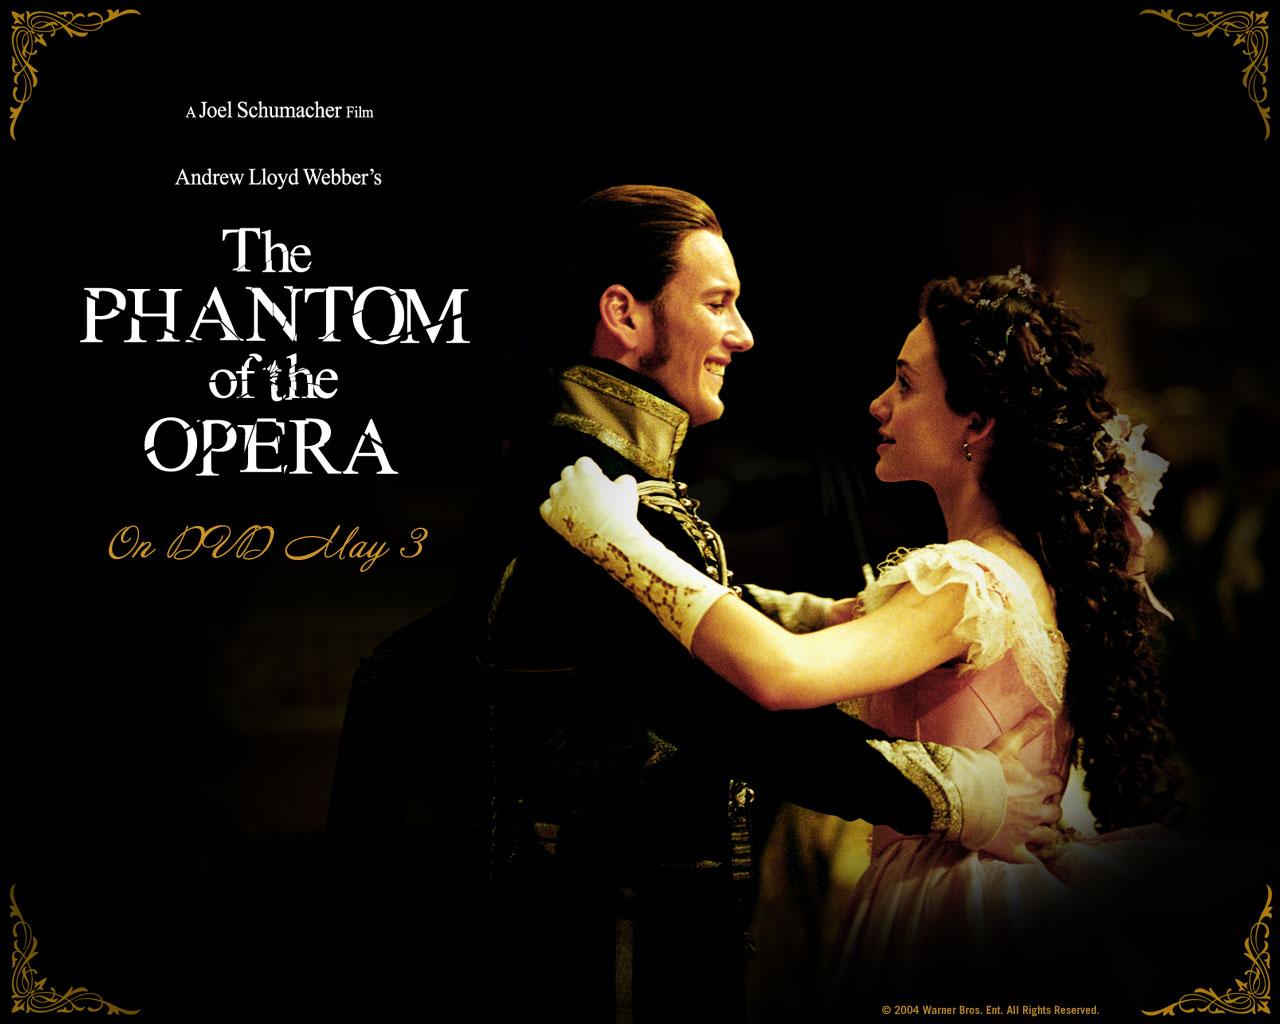 http://1.bp.blogspot.com/-jTJwo3AOkhU/T752bHl9xpI/AAAAAAAABvg/4p-QfmvSvtk/s1600/the_phantom_of_the_opera,_2004,_emmy_rossum,_gerard_butler.jpg